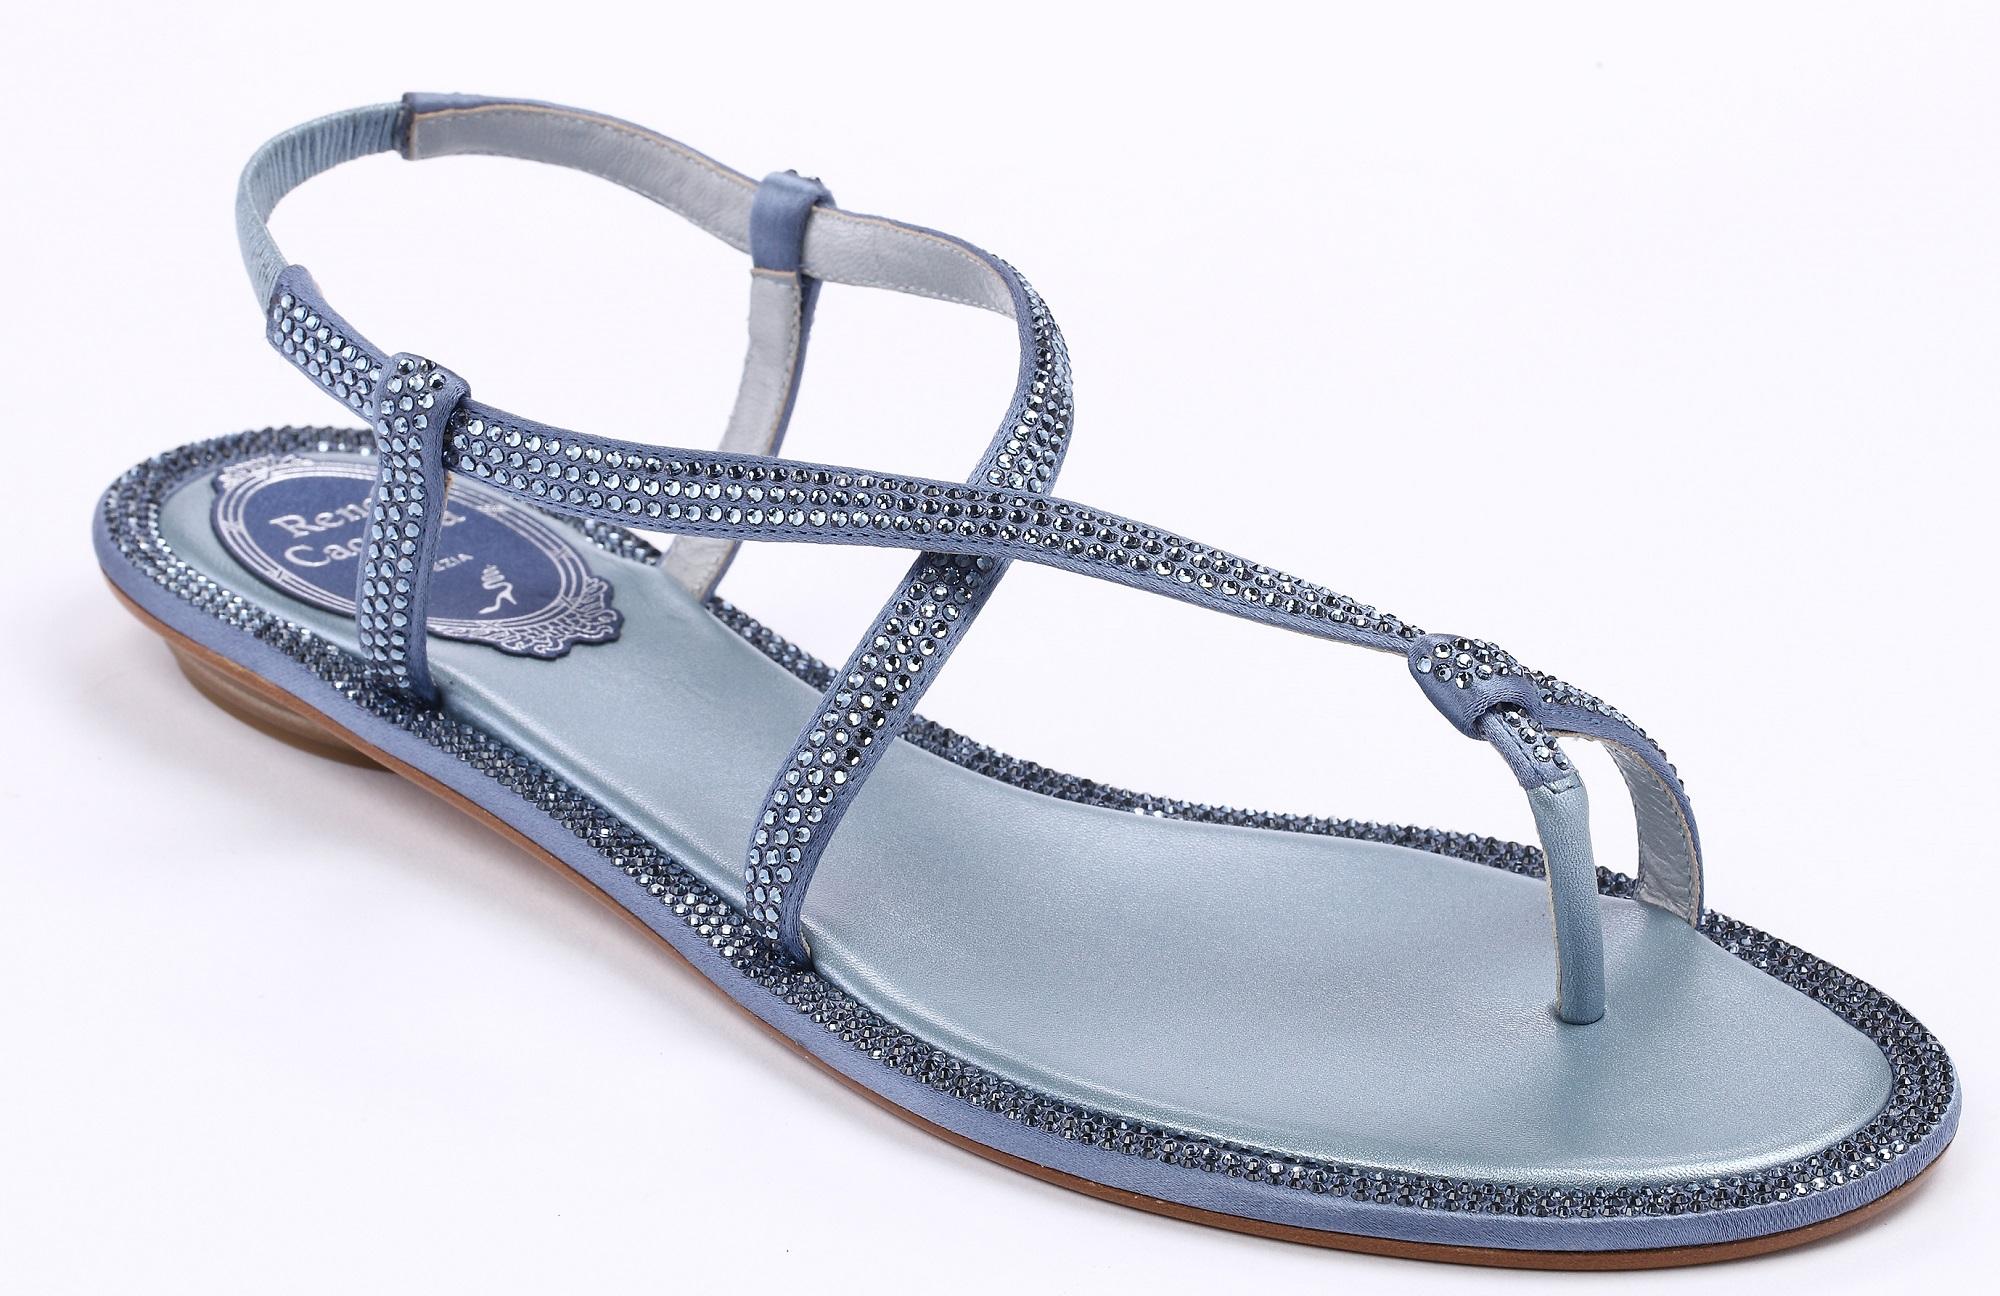 藍鑽繞趾平底涼鞋 NT$39,000